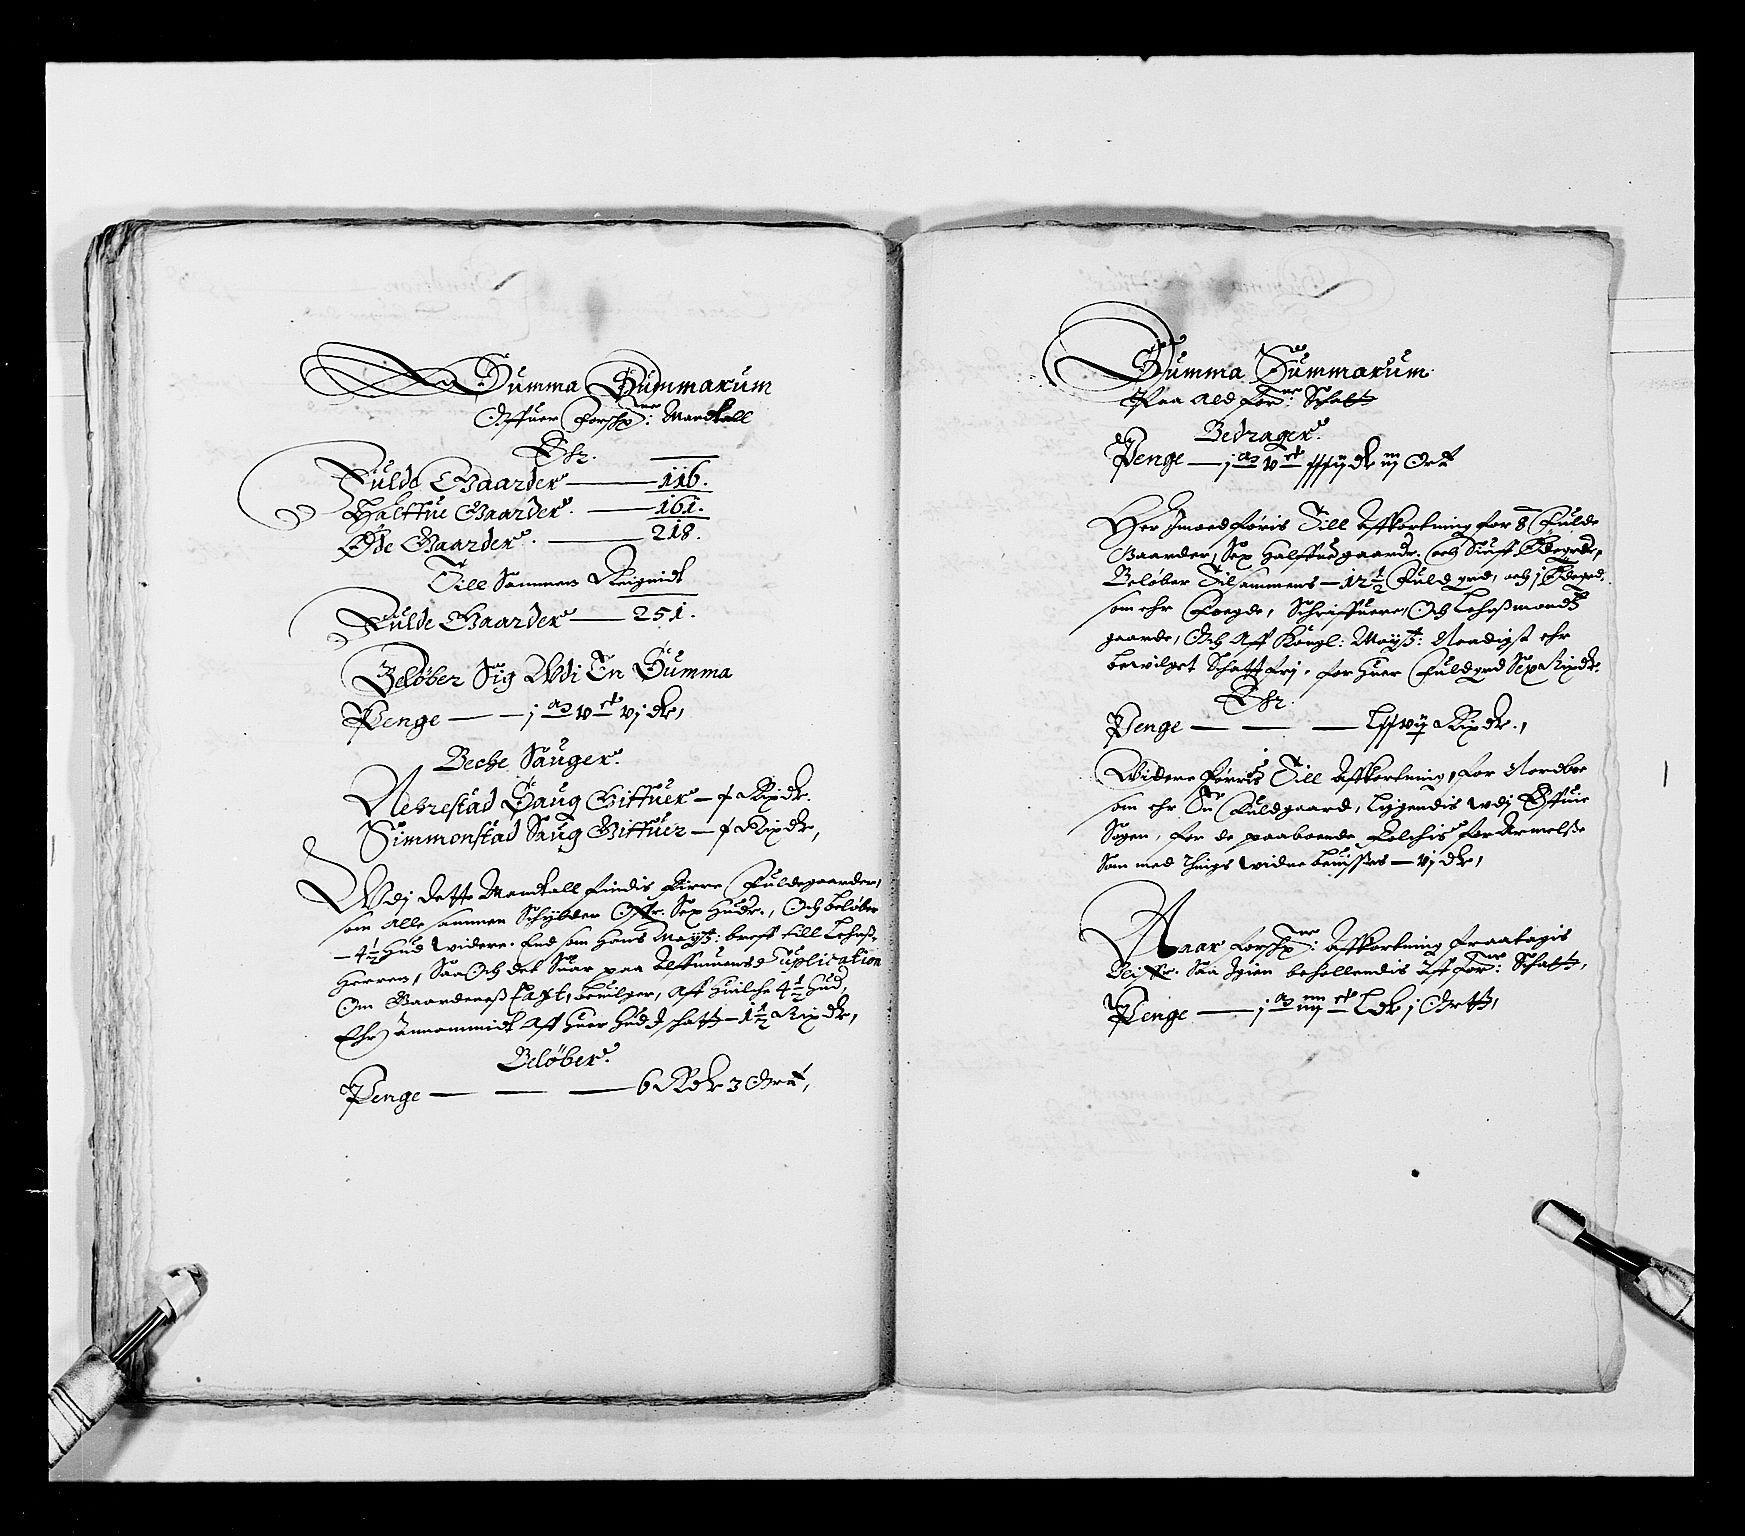 RA, Stattholderembetet 1572-1771, Ek/L0023: Jordebøker 1633-1658:, 1648-1649, s. 49